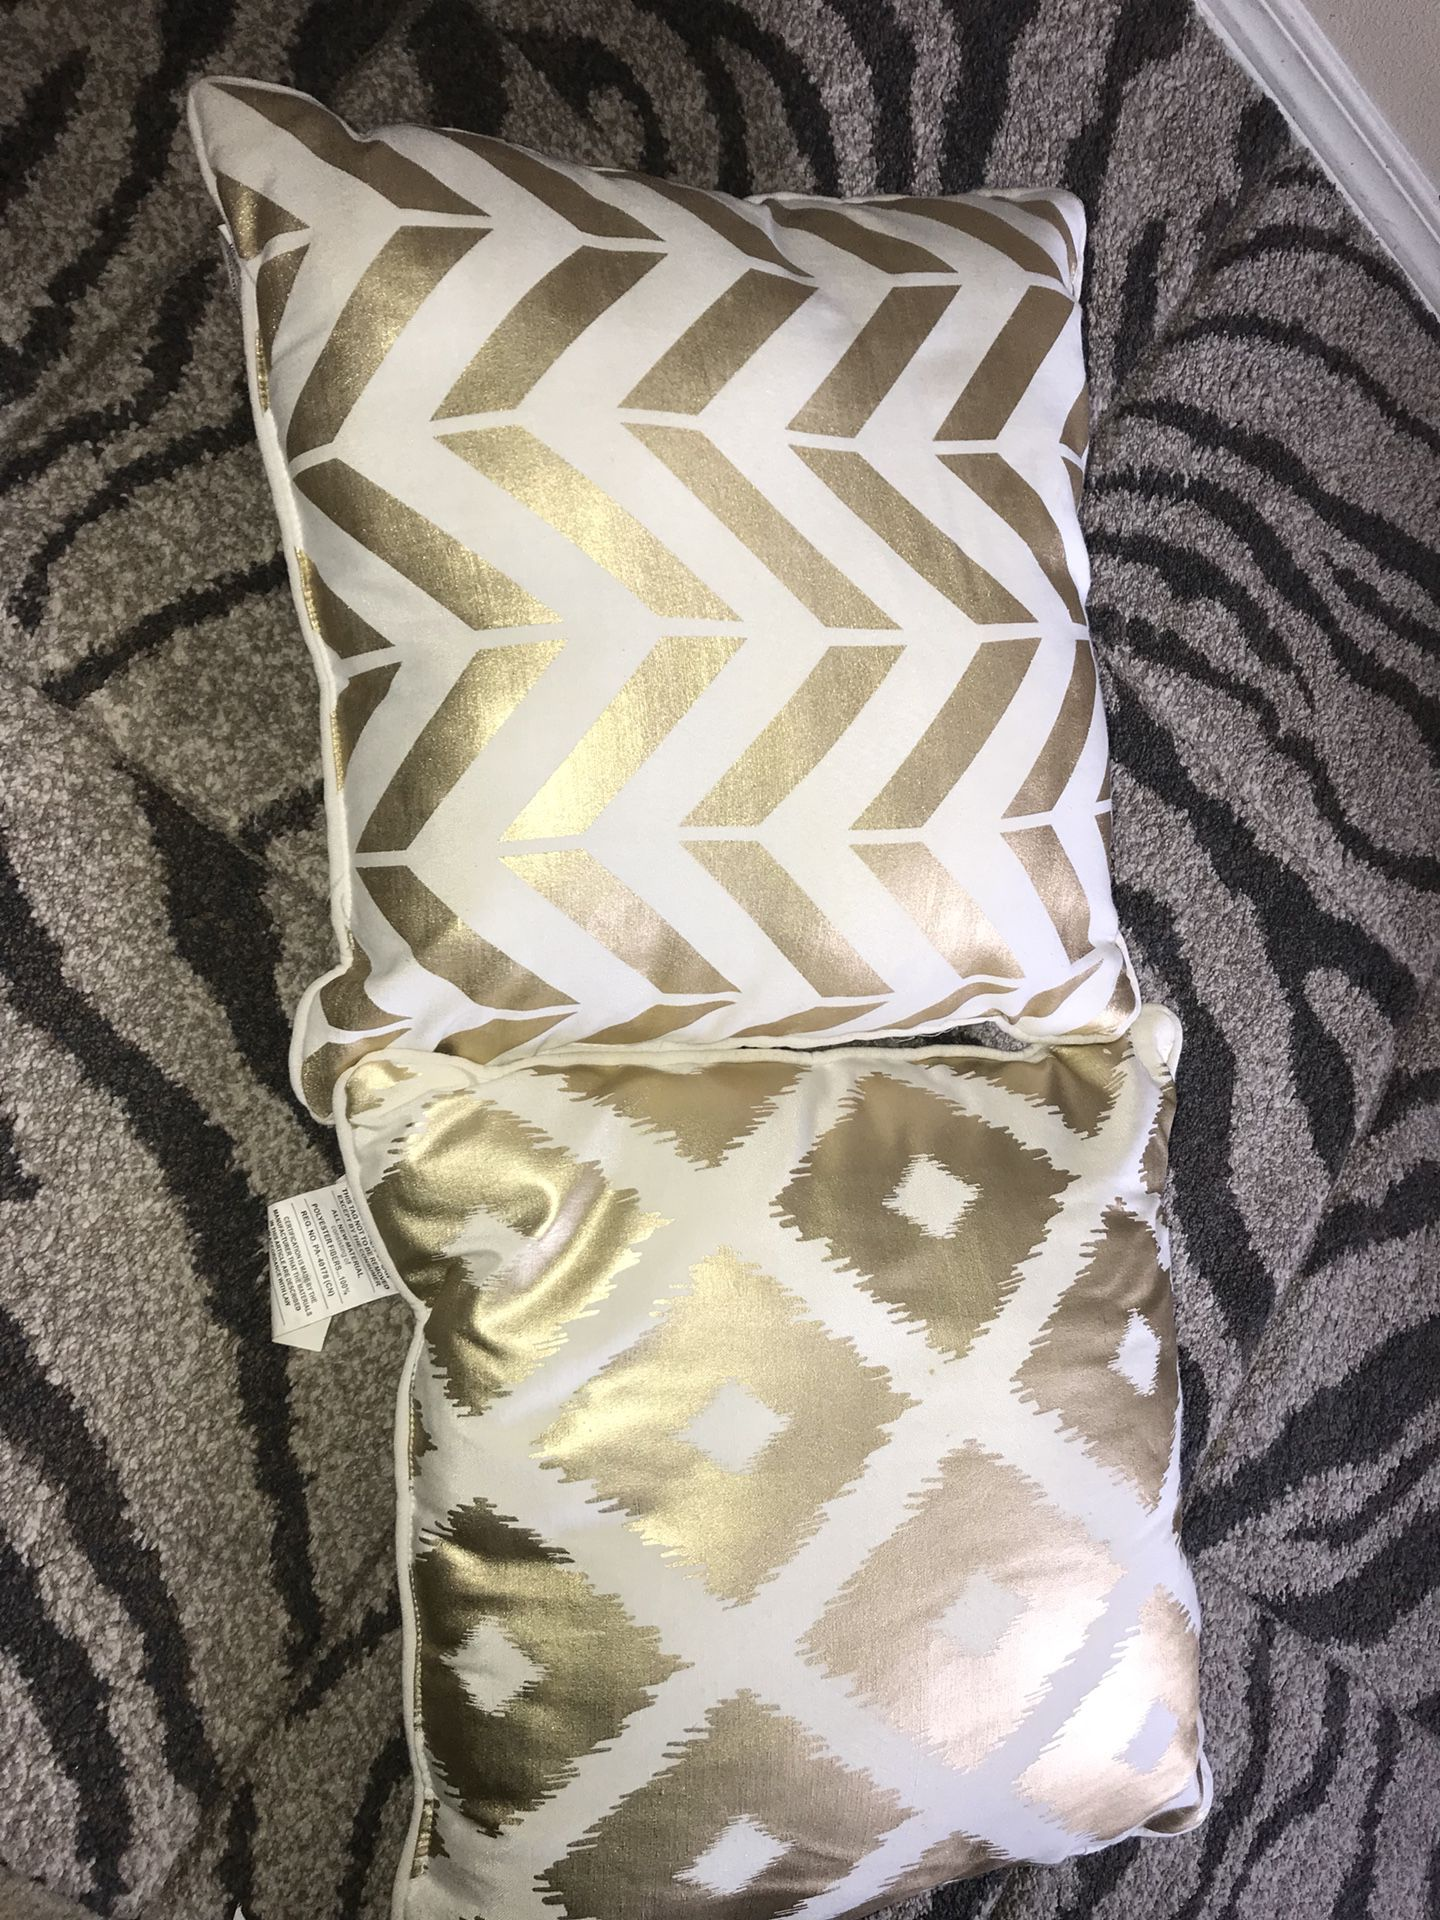 Decorative pillows!